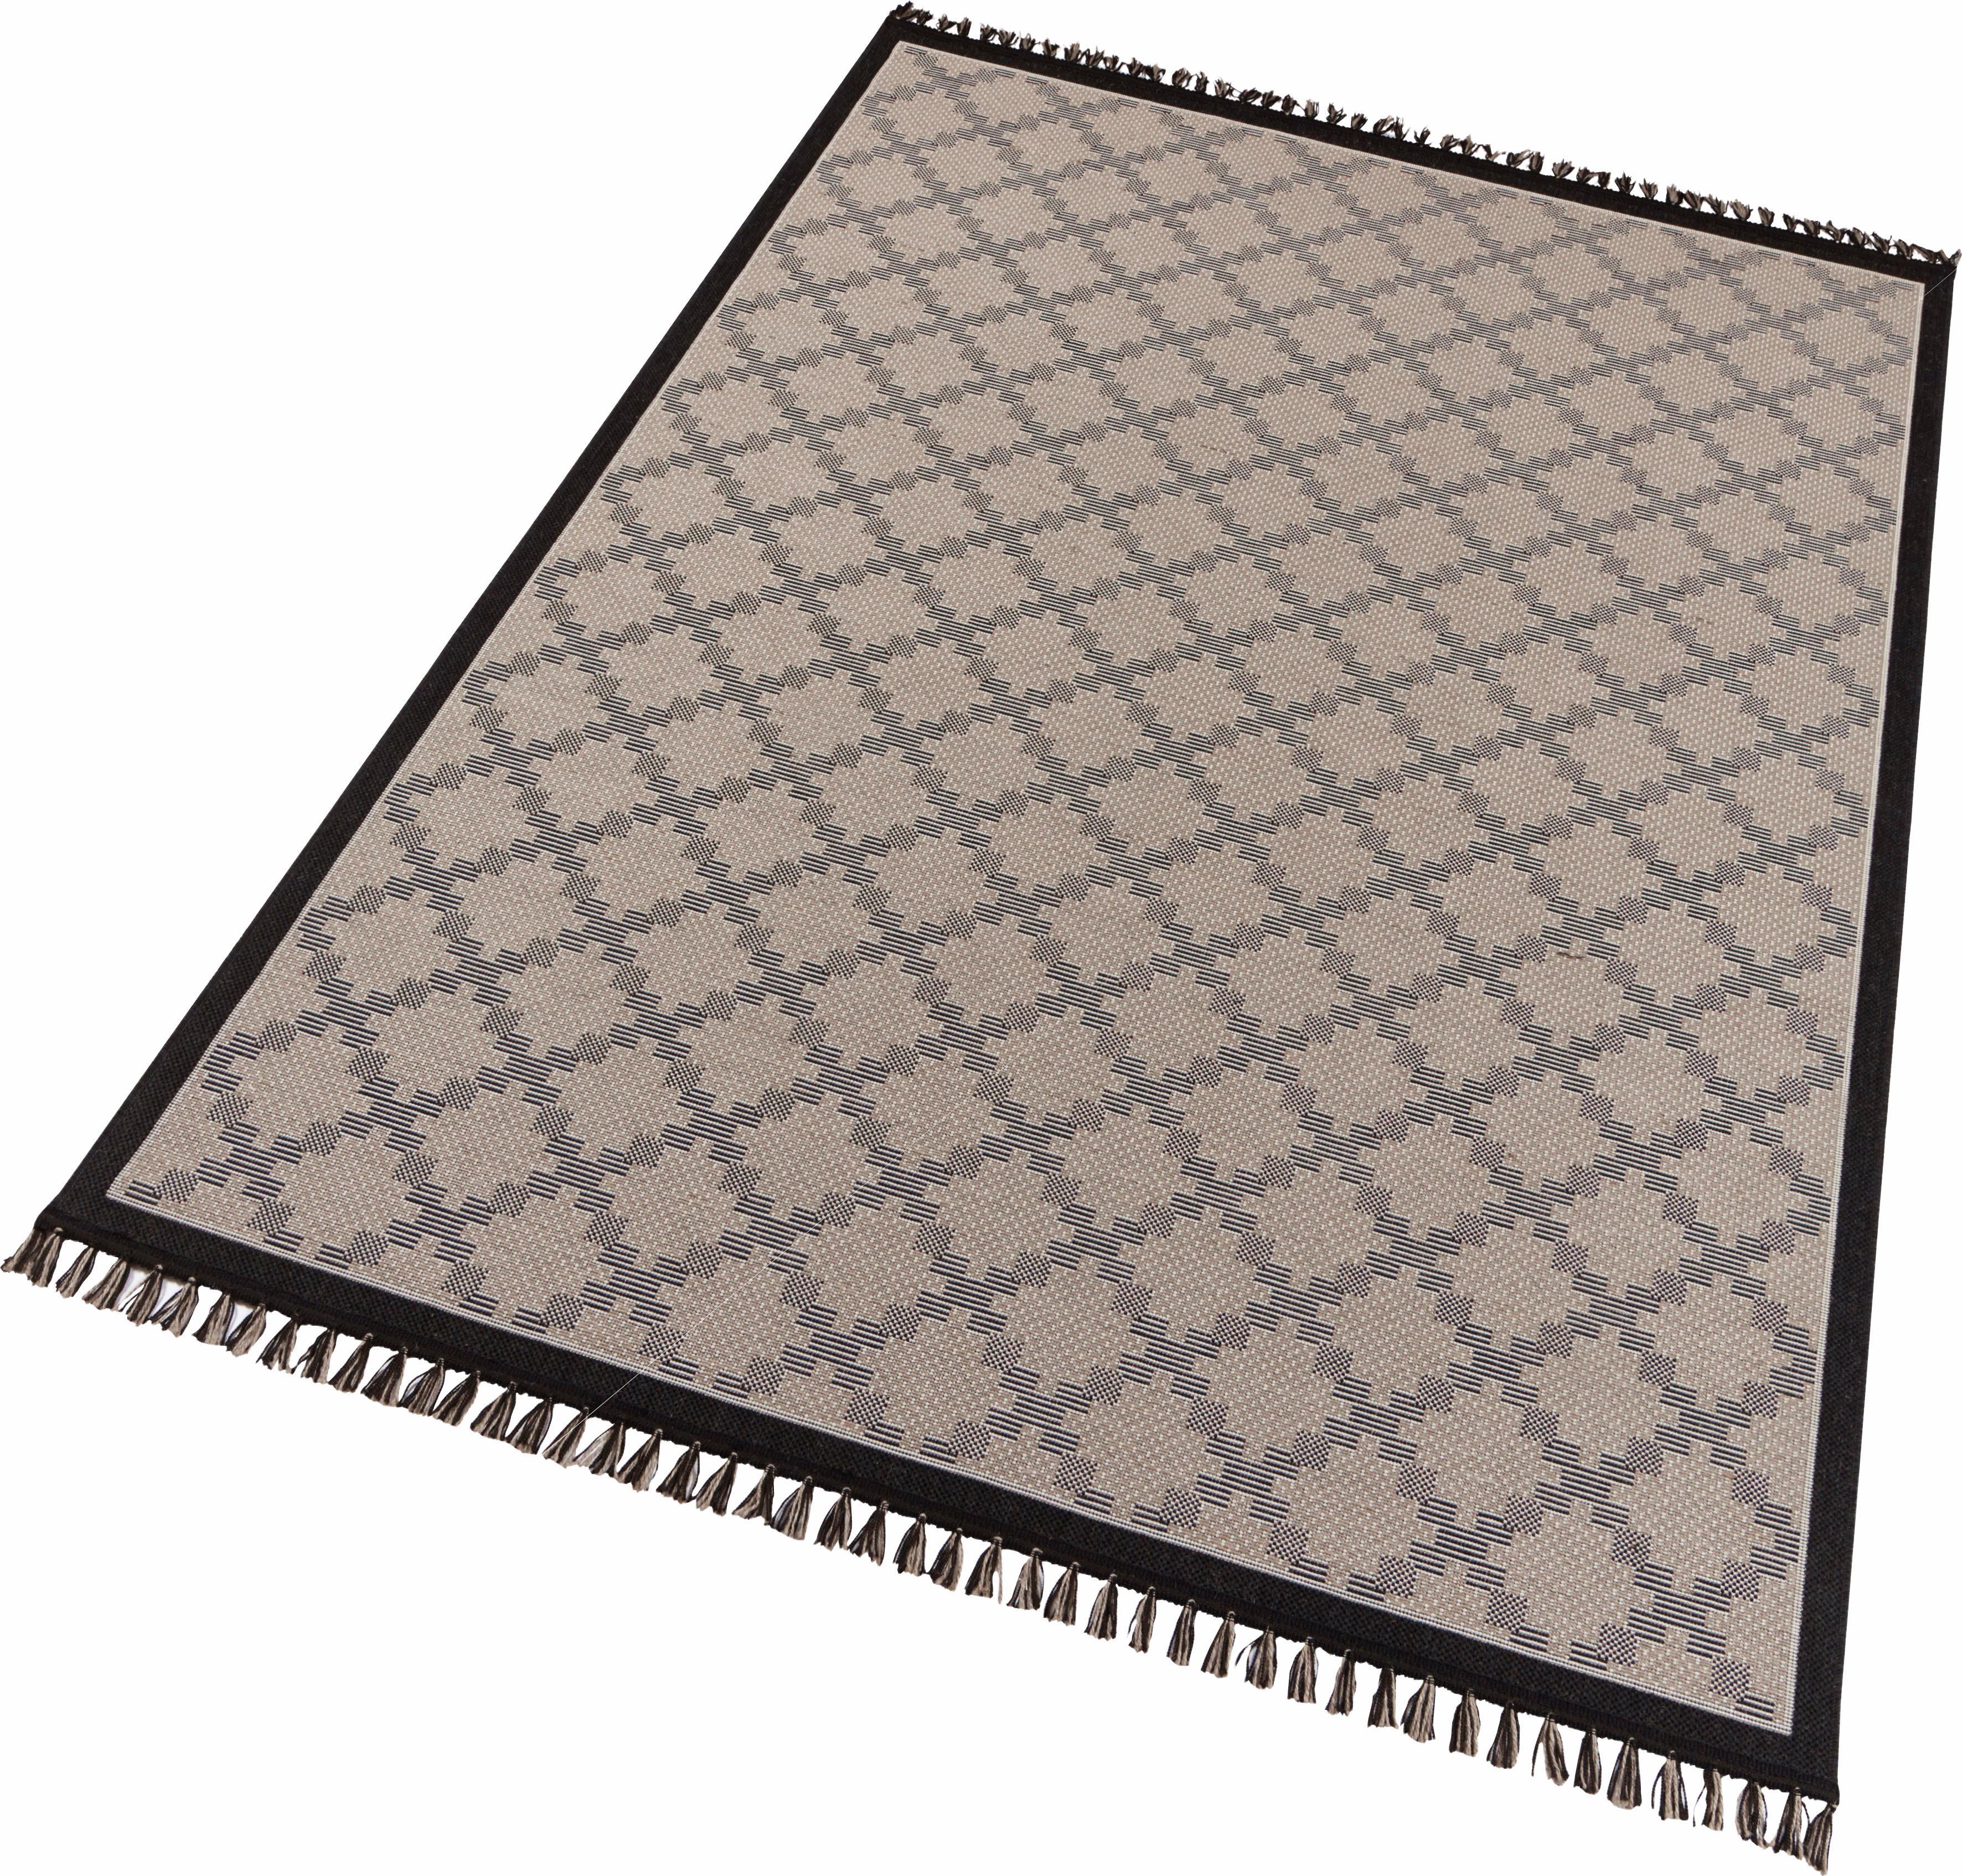 Teppich Malmö freundin Home Collection rechteckig Höhe 3 mm maschinell gewebt